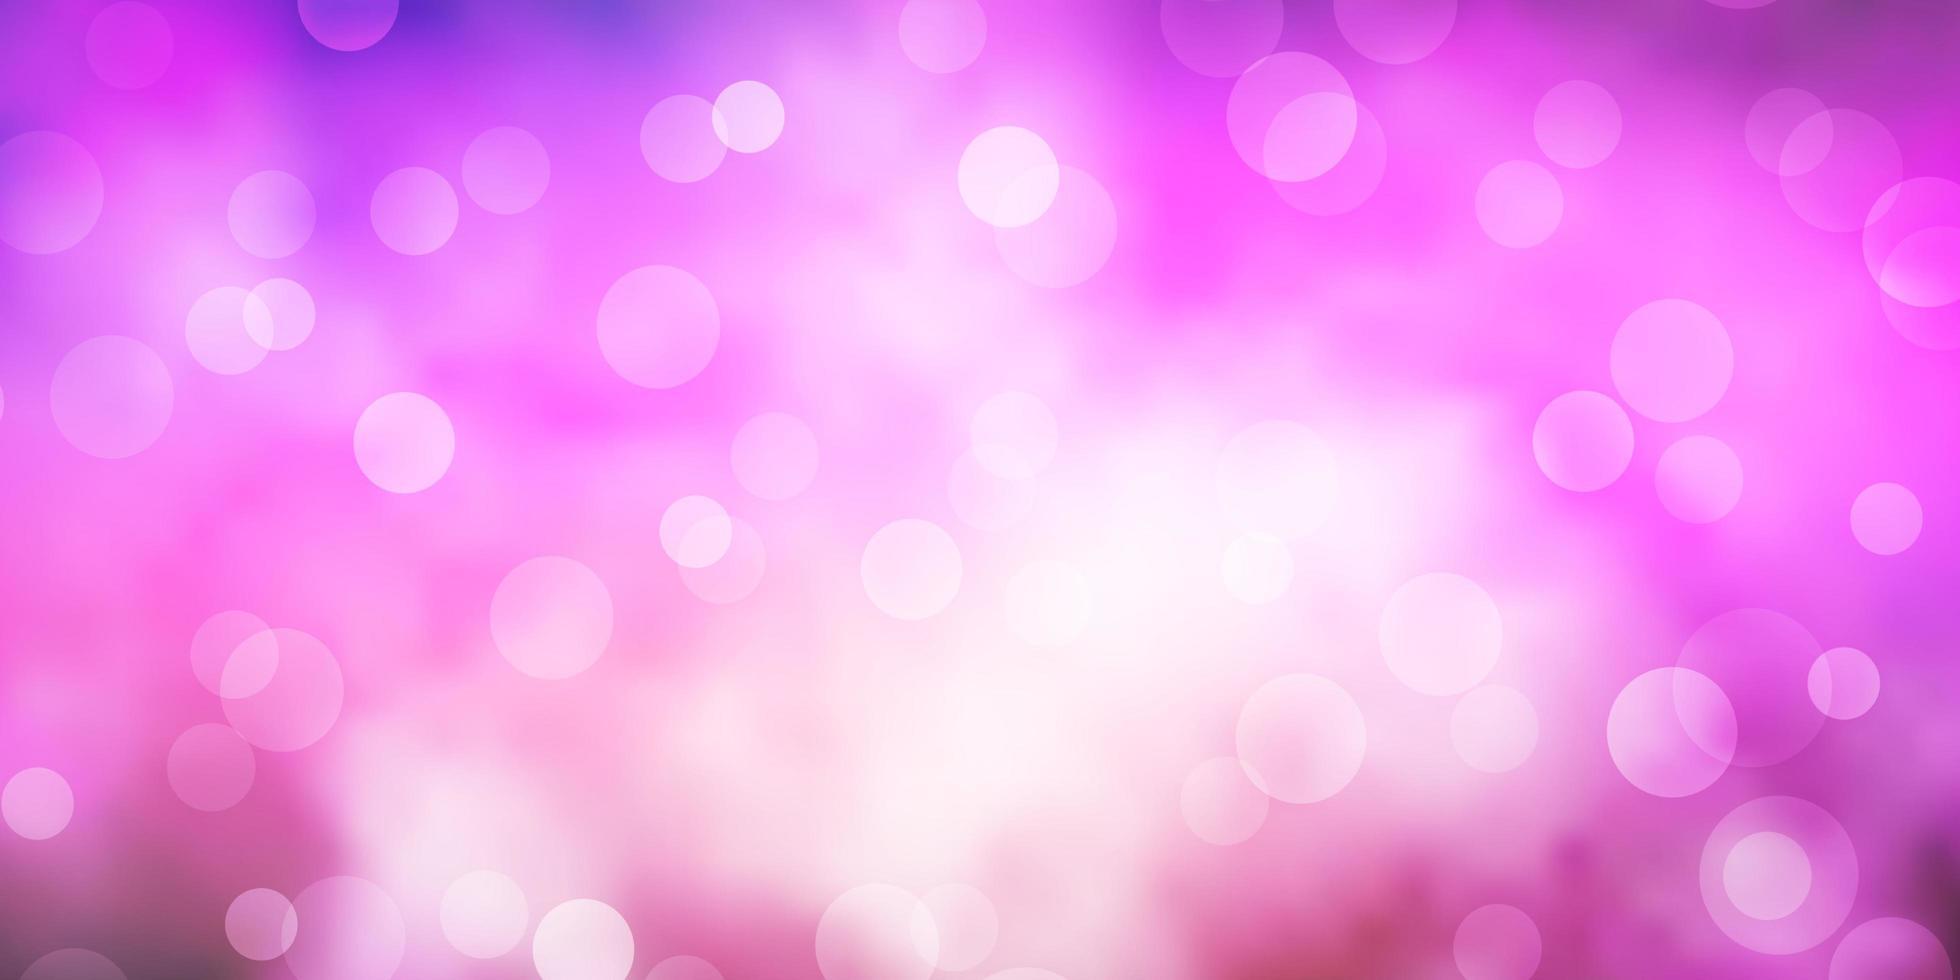 donkerpaarse, roze vectorlay-out met cirkelvormen. vector